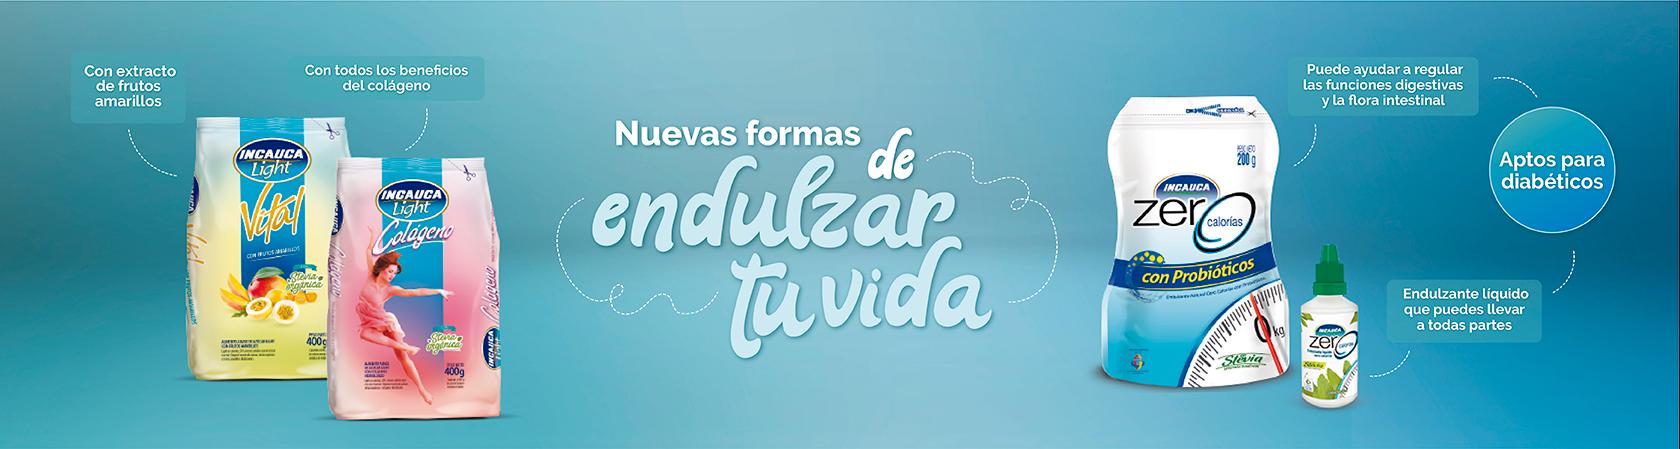 nuevas-formas-de-endulzar_incauca_en